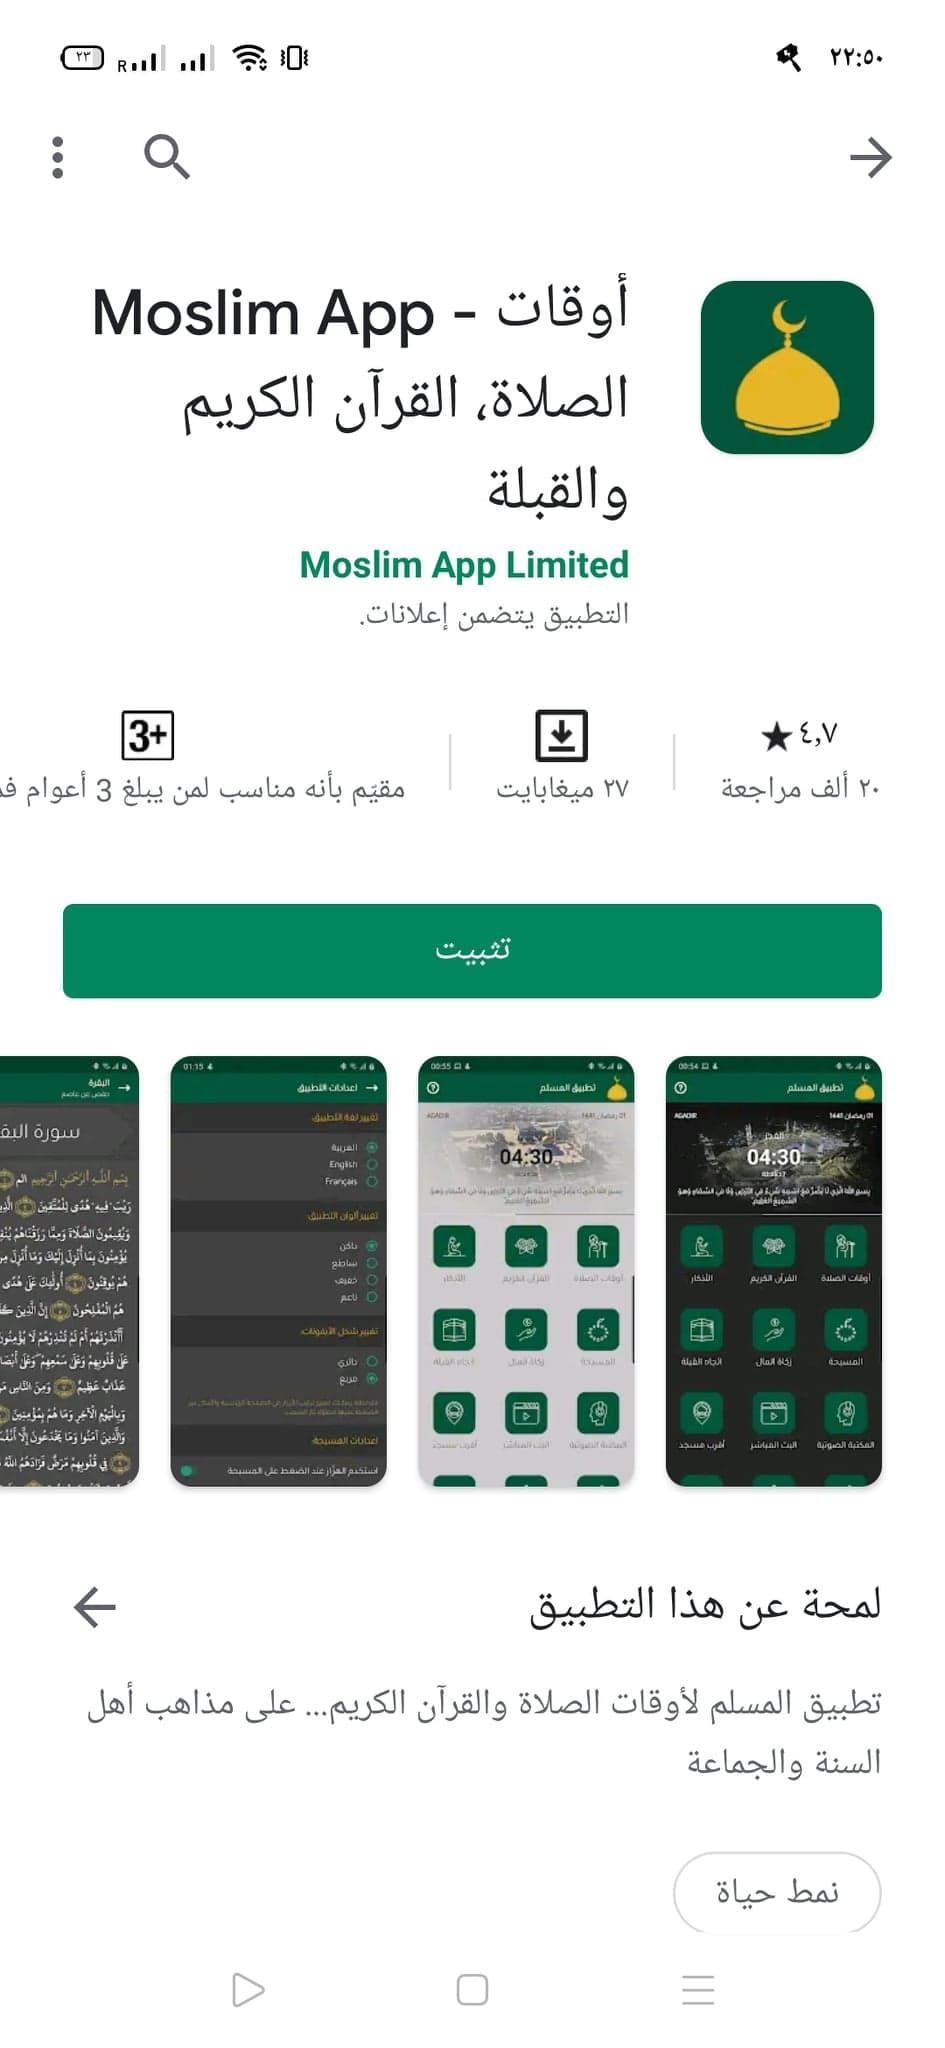 تطبيق المسلم للأندرويد Moslim app - المسلم للأذكار وأوقات الصلاة، برنامج أذكار وقران، مواقيت الصلاة، APK صلاتي، القبلة القرآن والأذكار، تنزيل اذان وأذكار